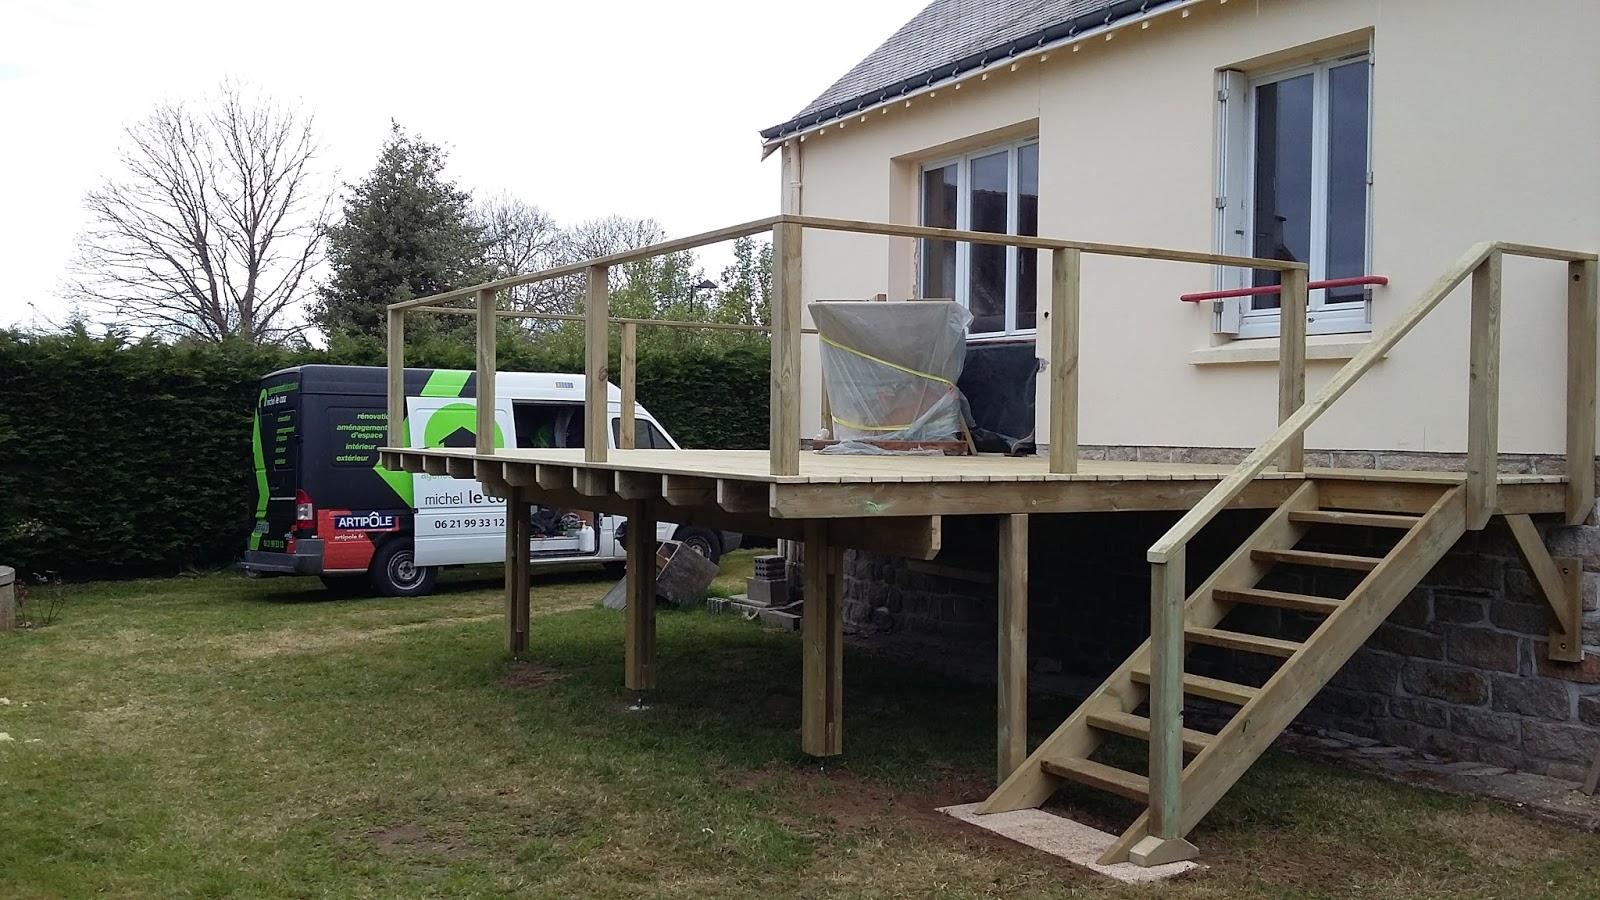 Michel Le Coz Agencement & Décoration: Terrasse bois sur pilotis